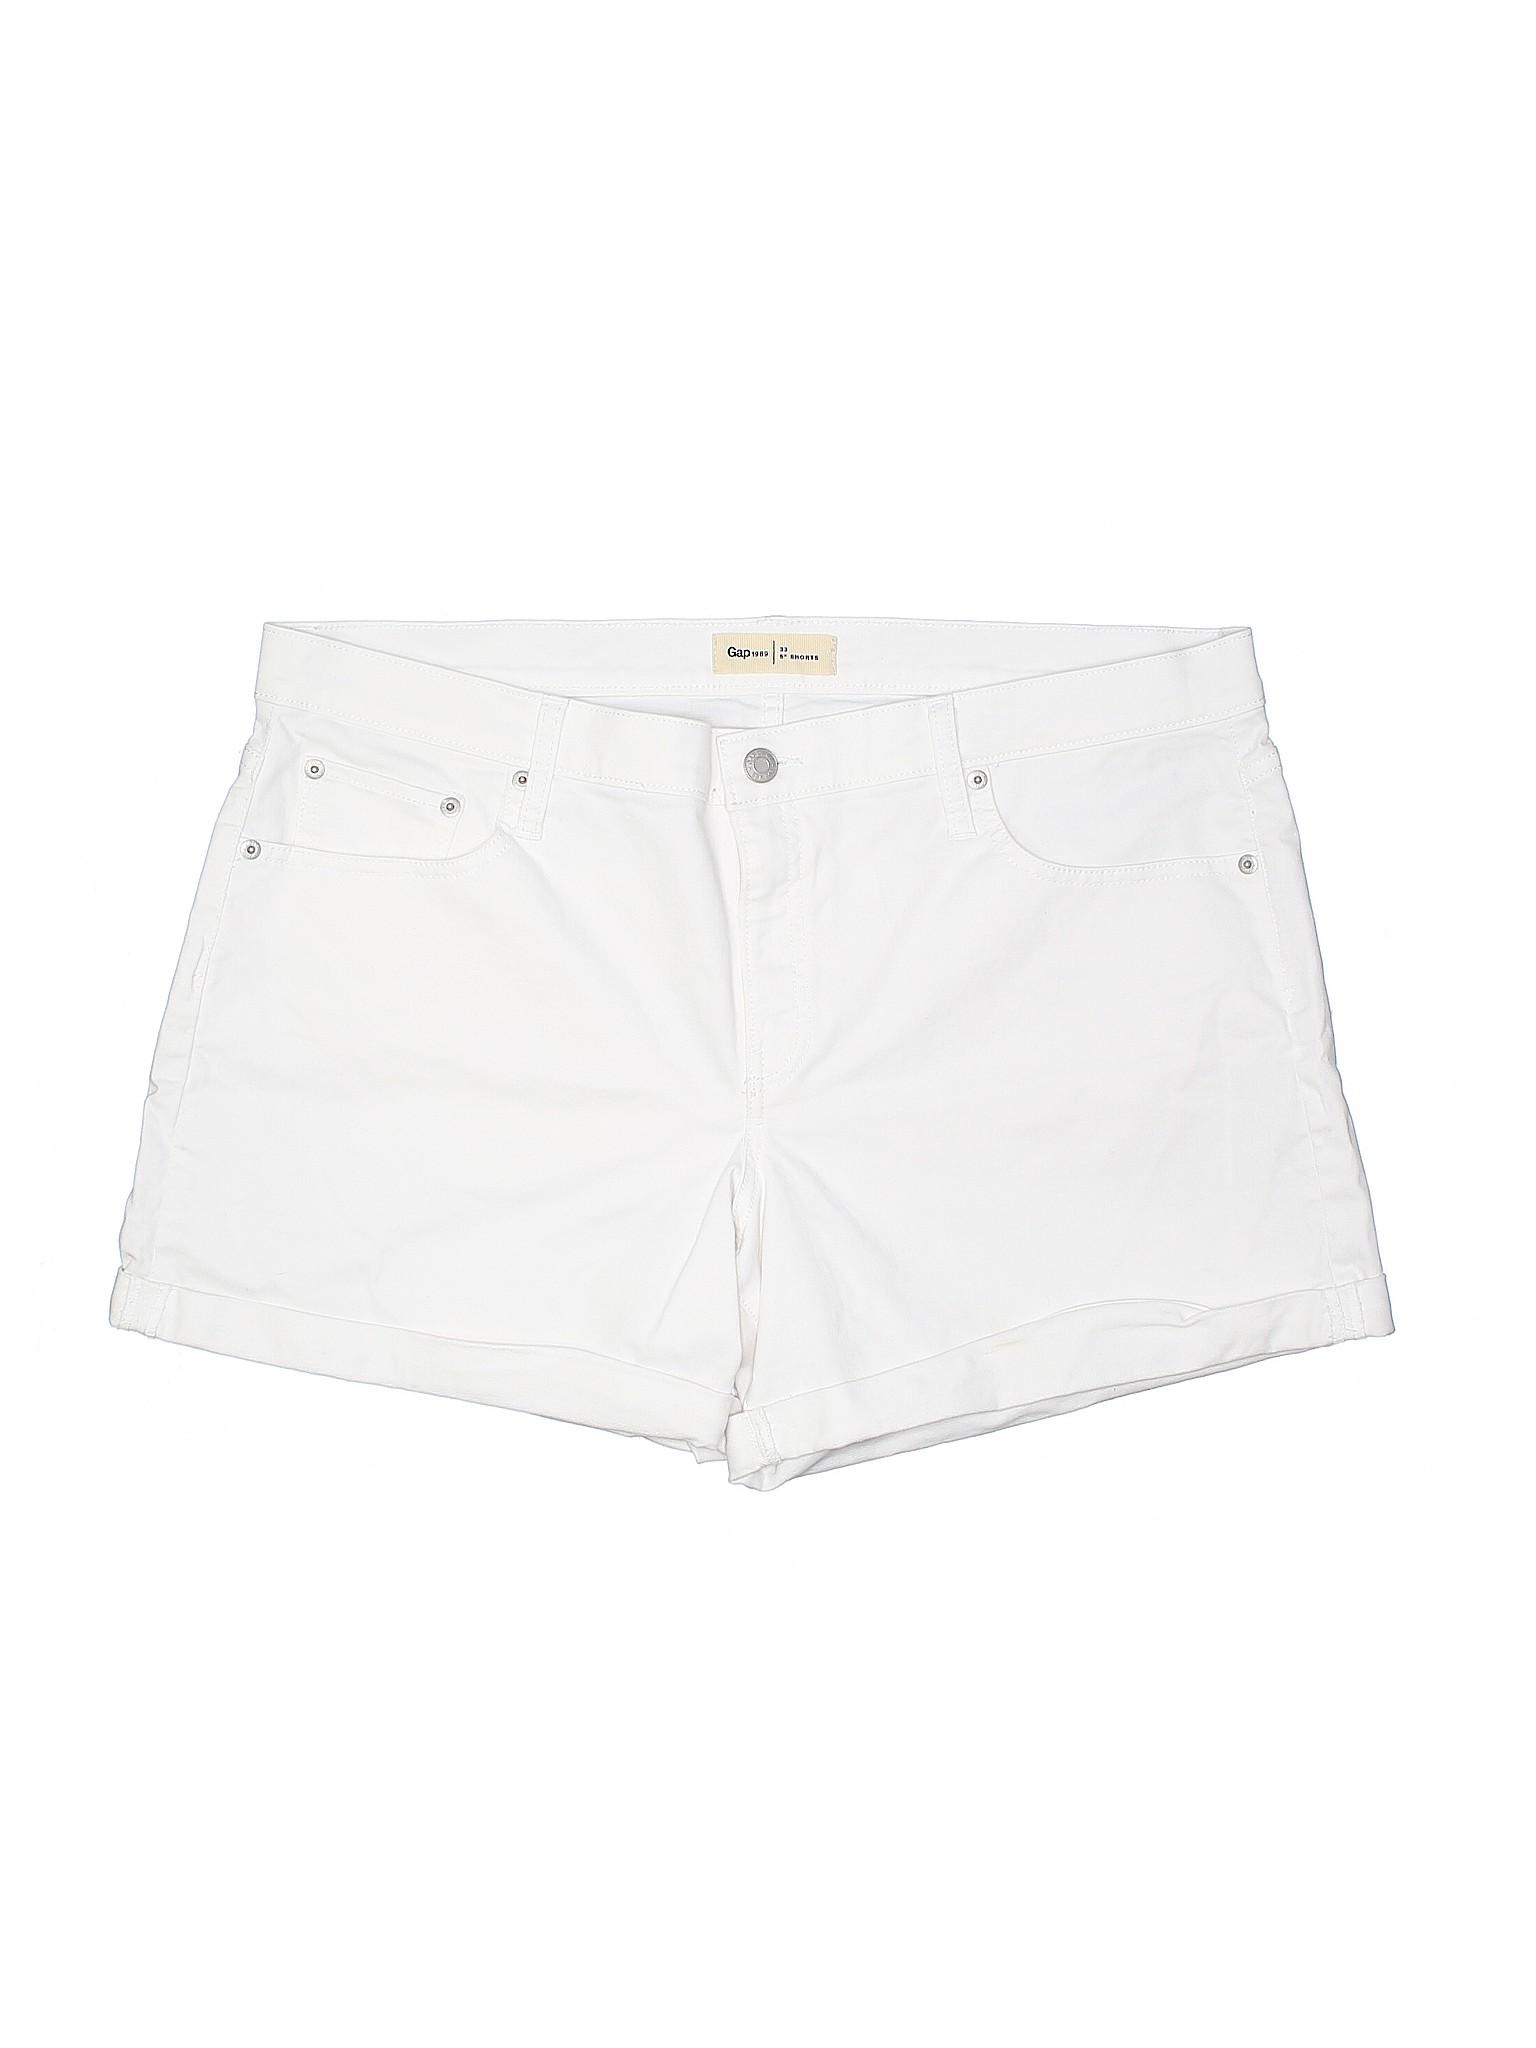 Shorts leisure Boutique leisure Denim Gap Boutique XOqxS6w